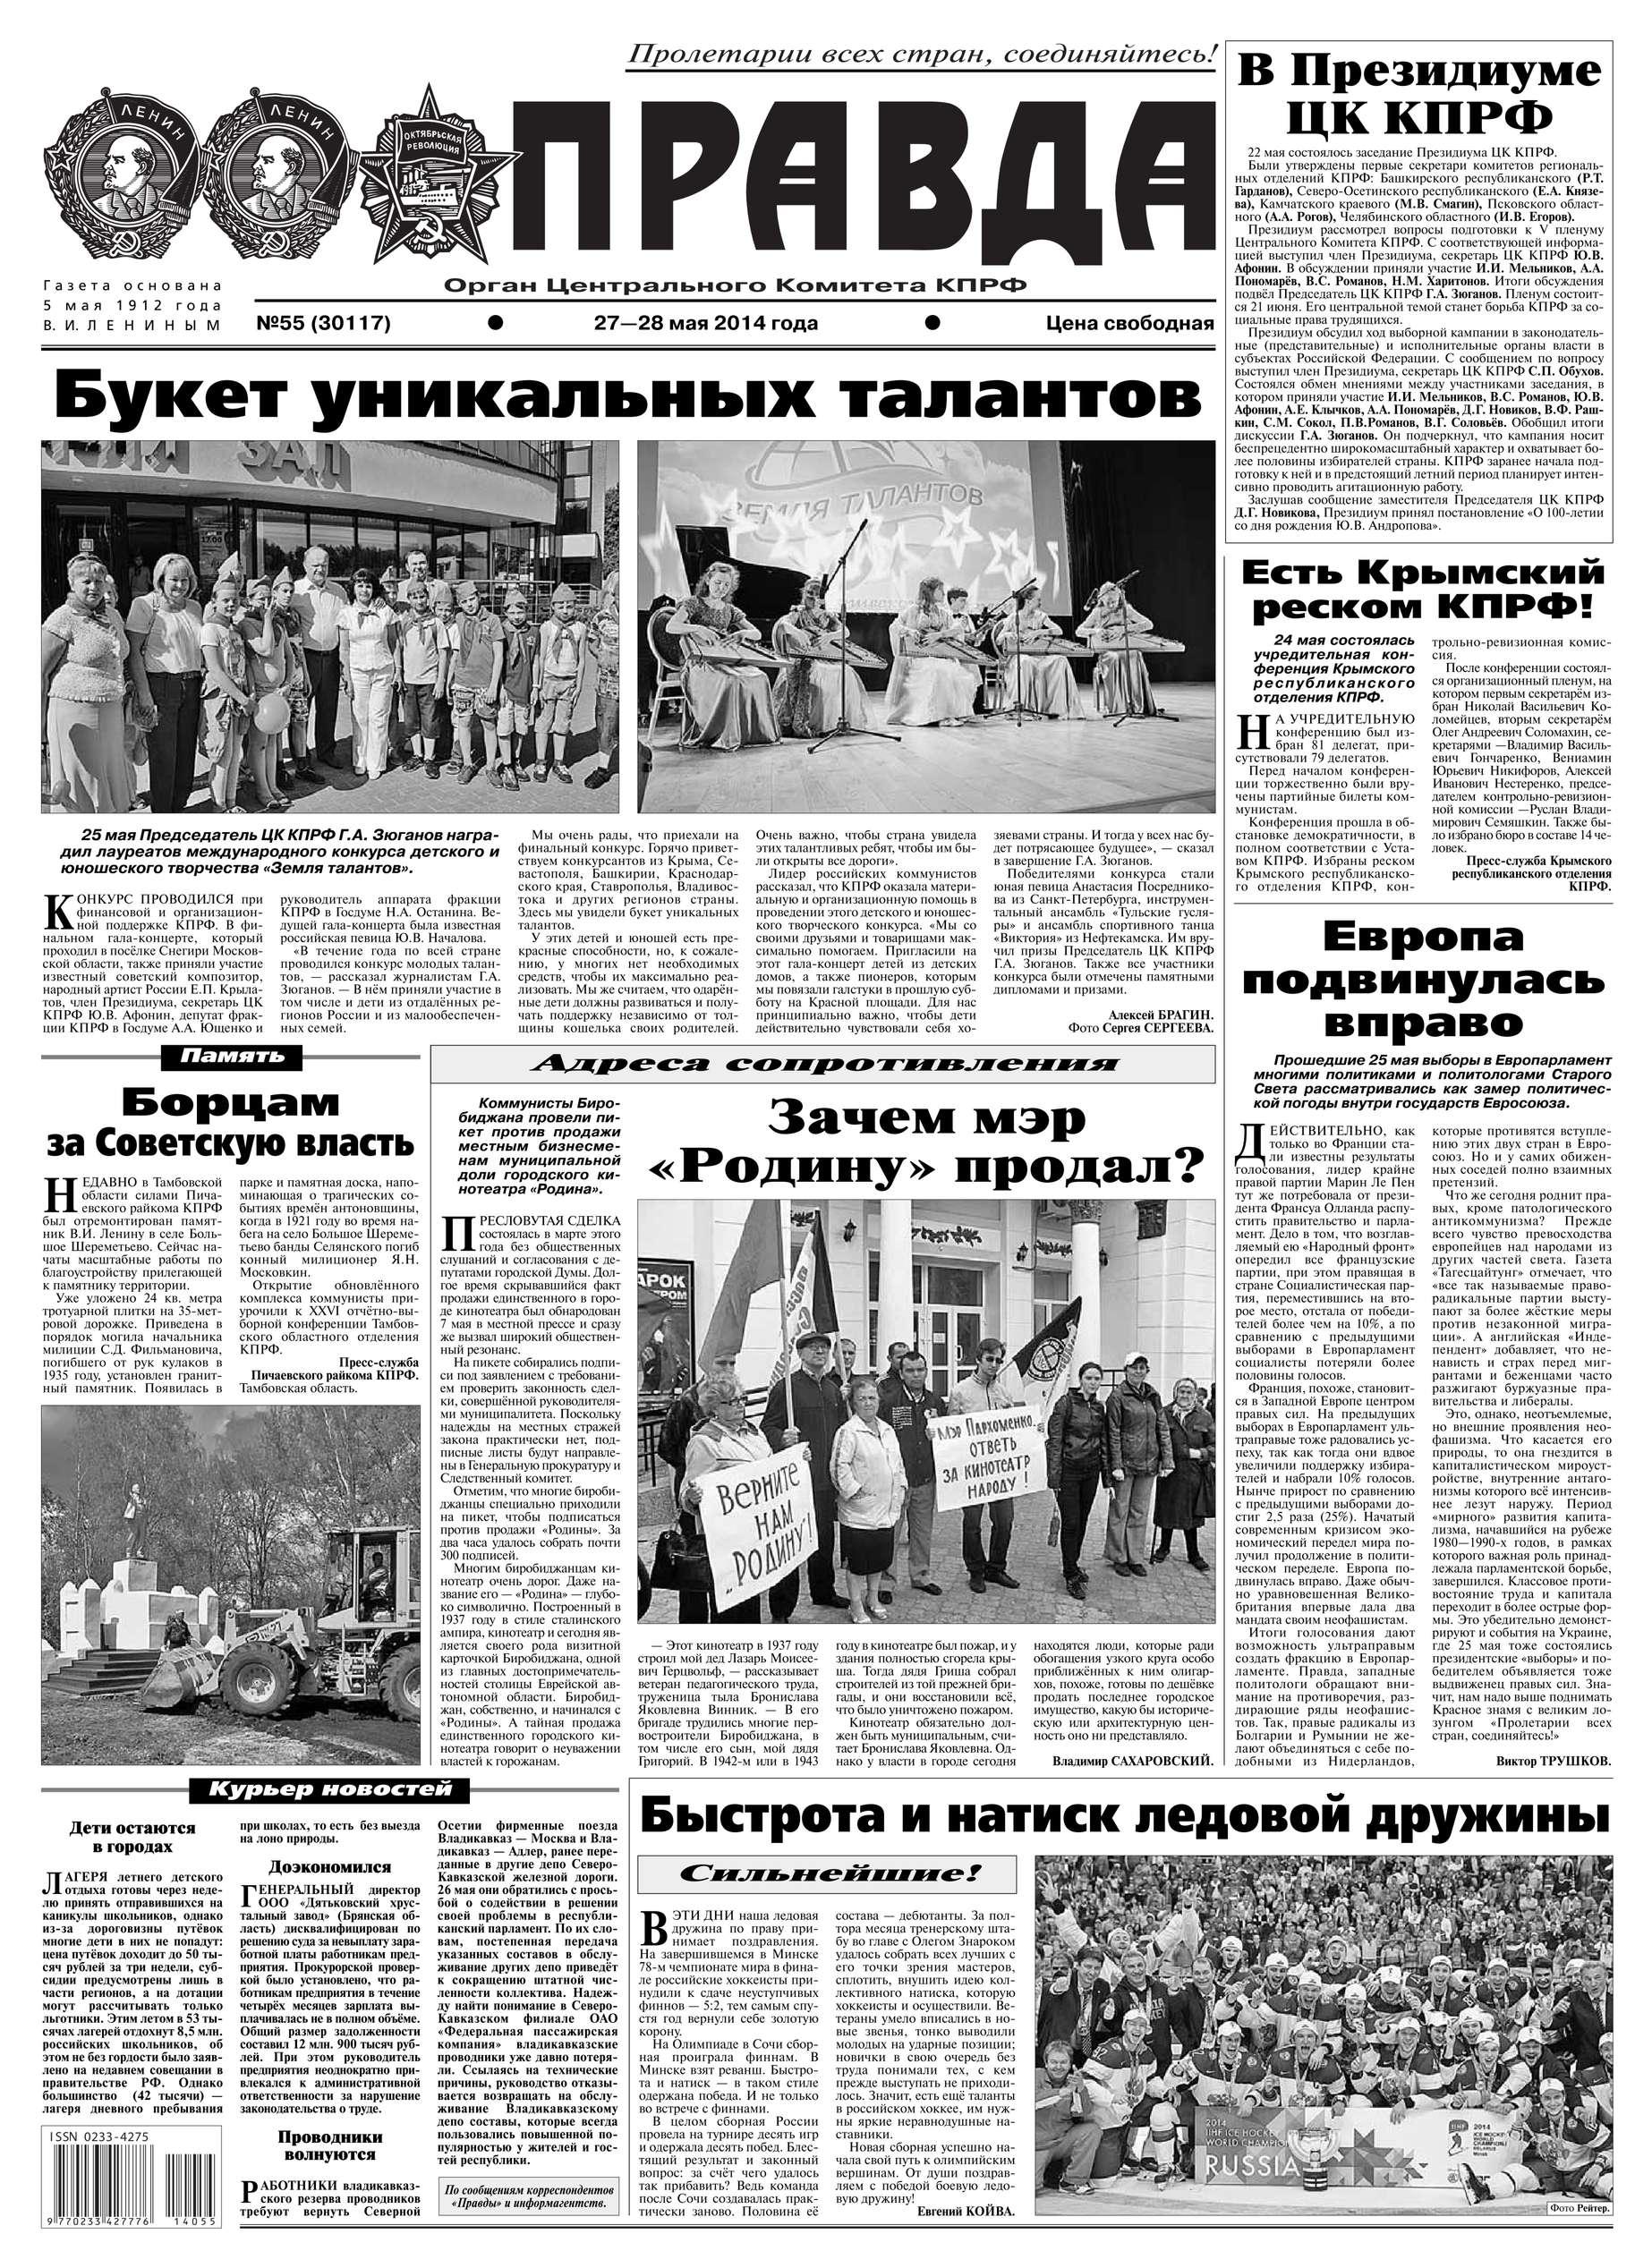 Редакция газеты Правда Правда 55 редакция газеты правда правда 55 2017